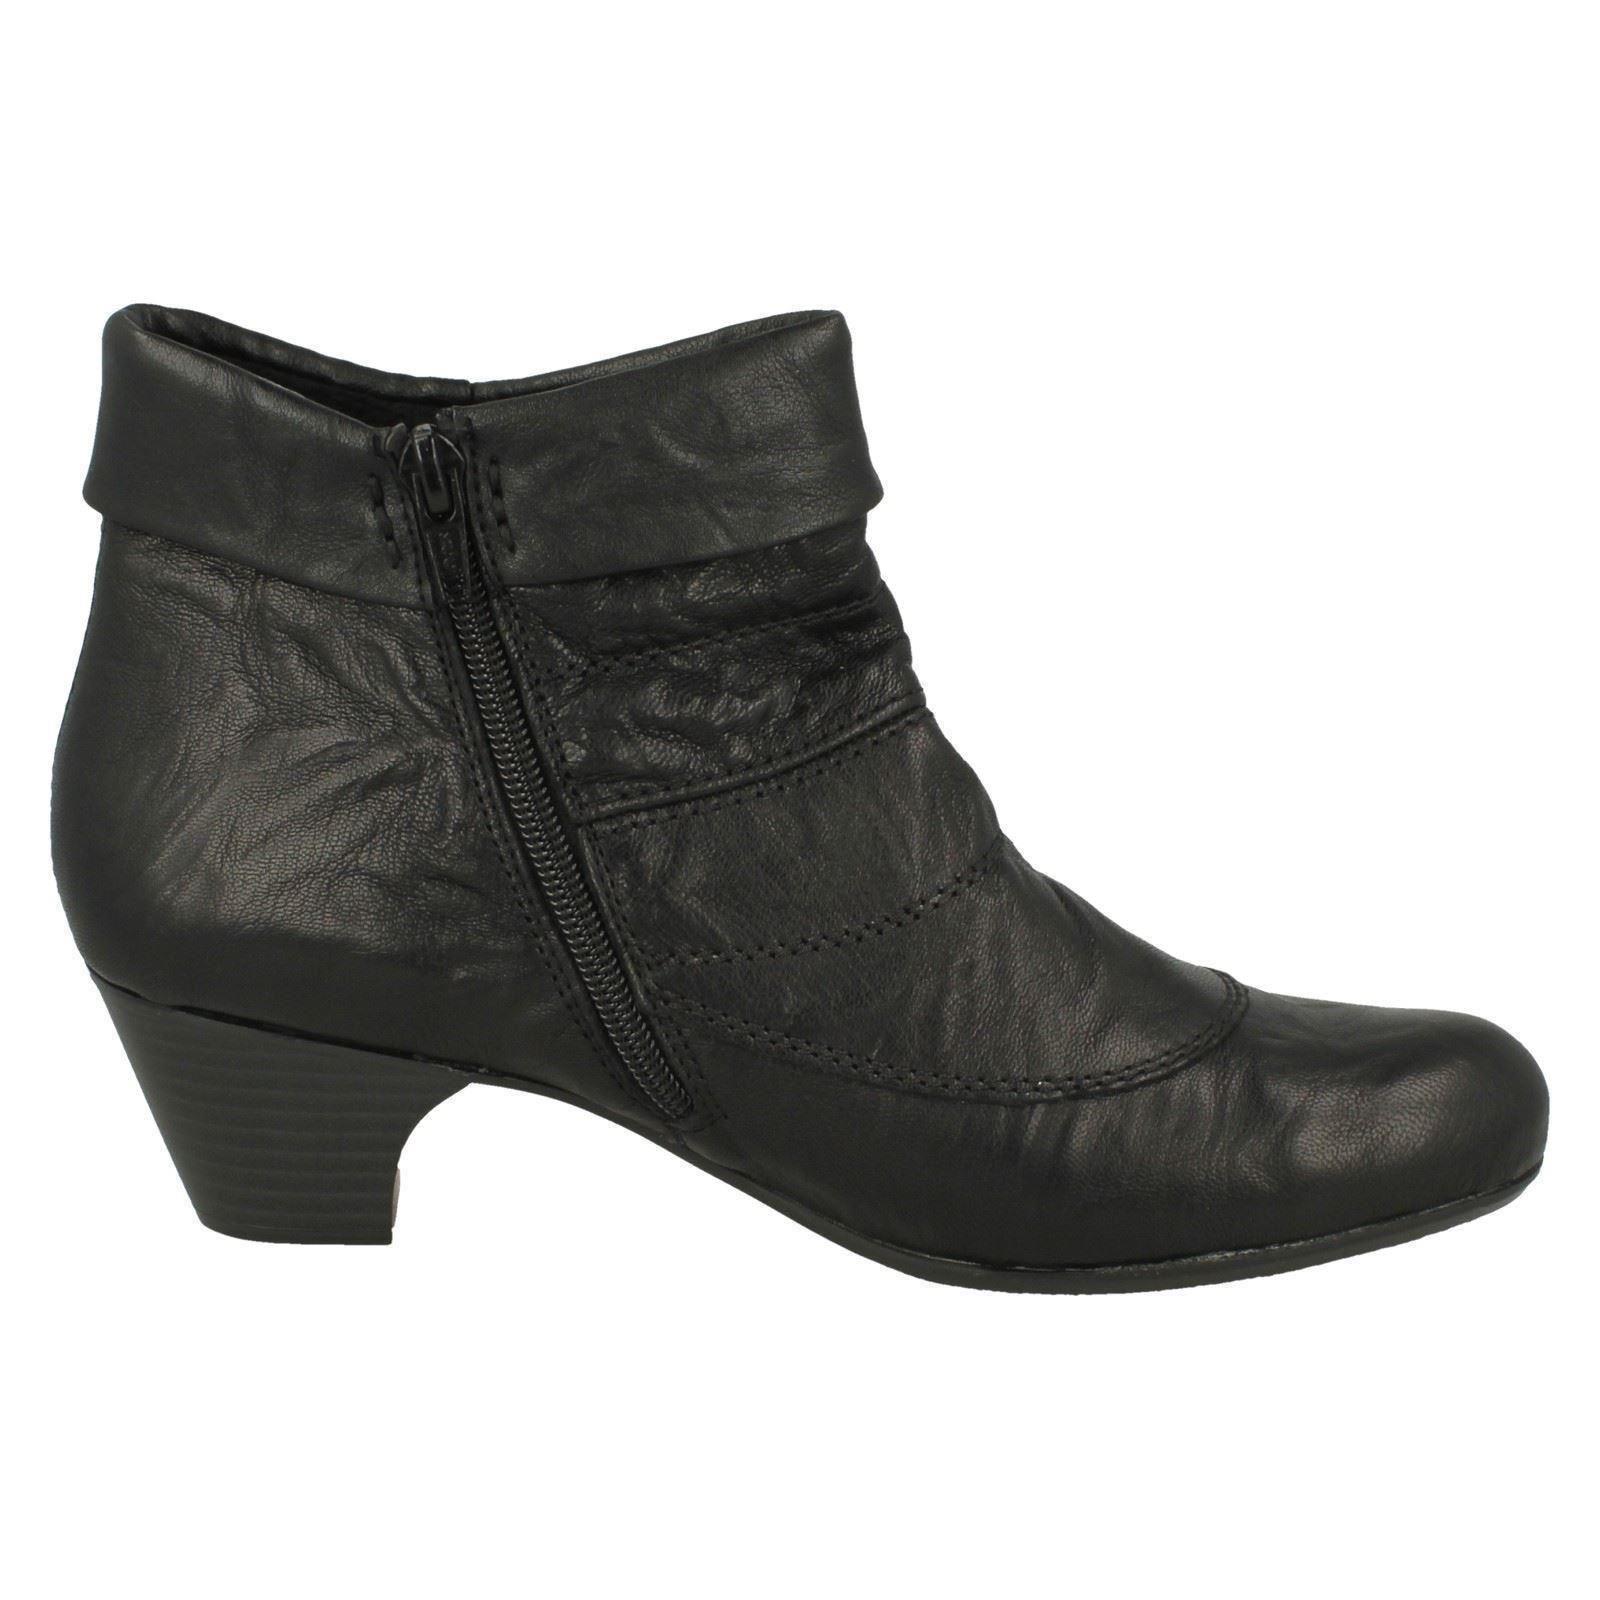 'Damas Rieker' botas botas Rieker' al tobillo - 70562 2d5b91